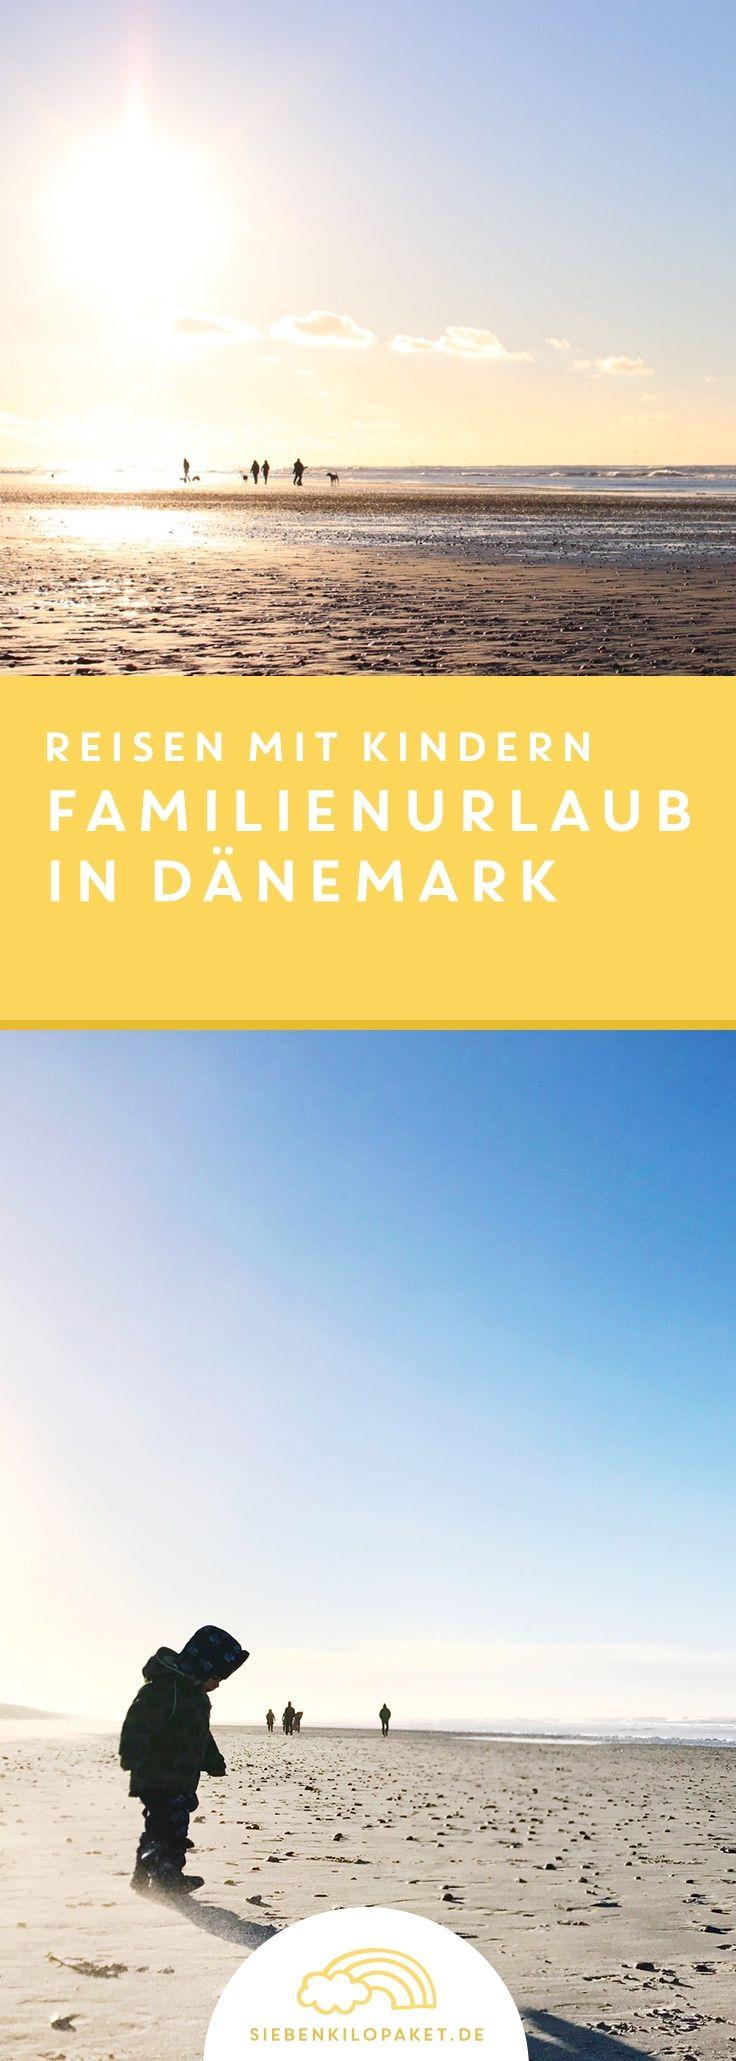 Familienurlaub in Dänemark: unsere Woche in Henne Strand - Siebenkilopaket | Das bunte Leben einer Regenbogenfamilie